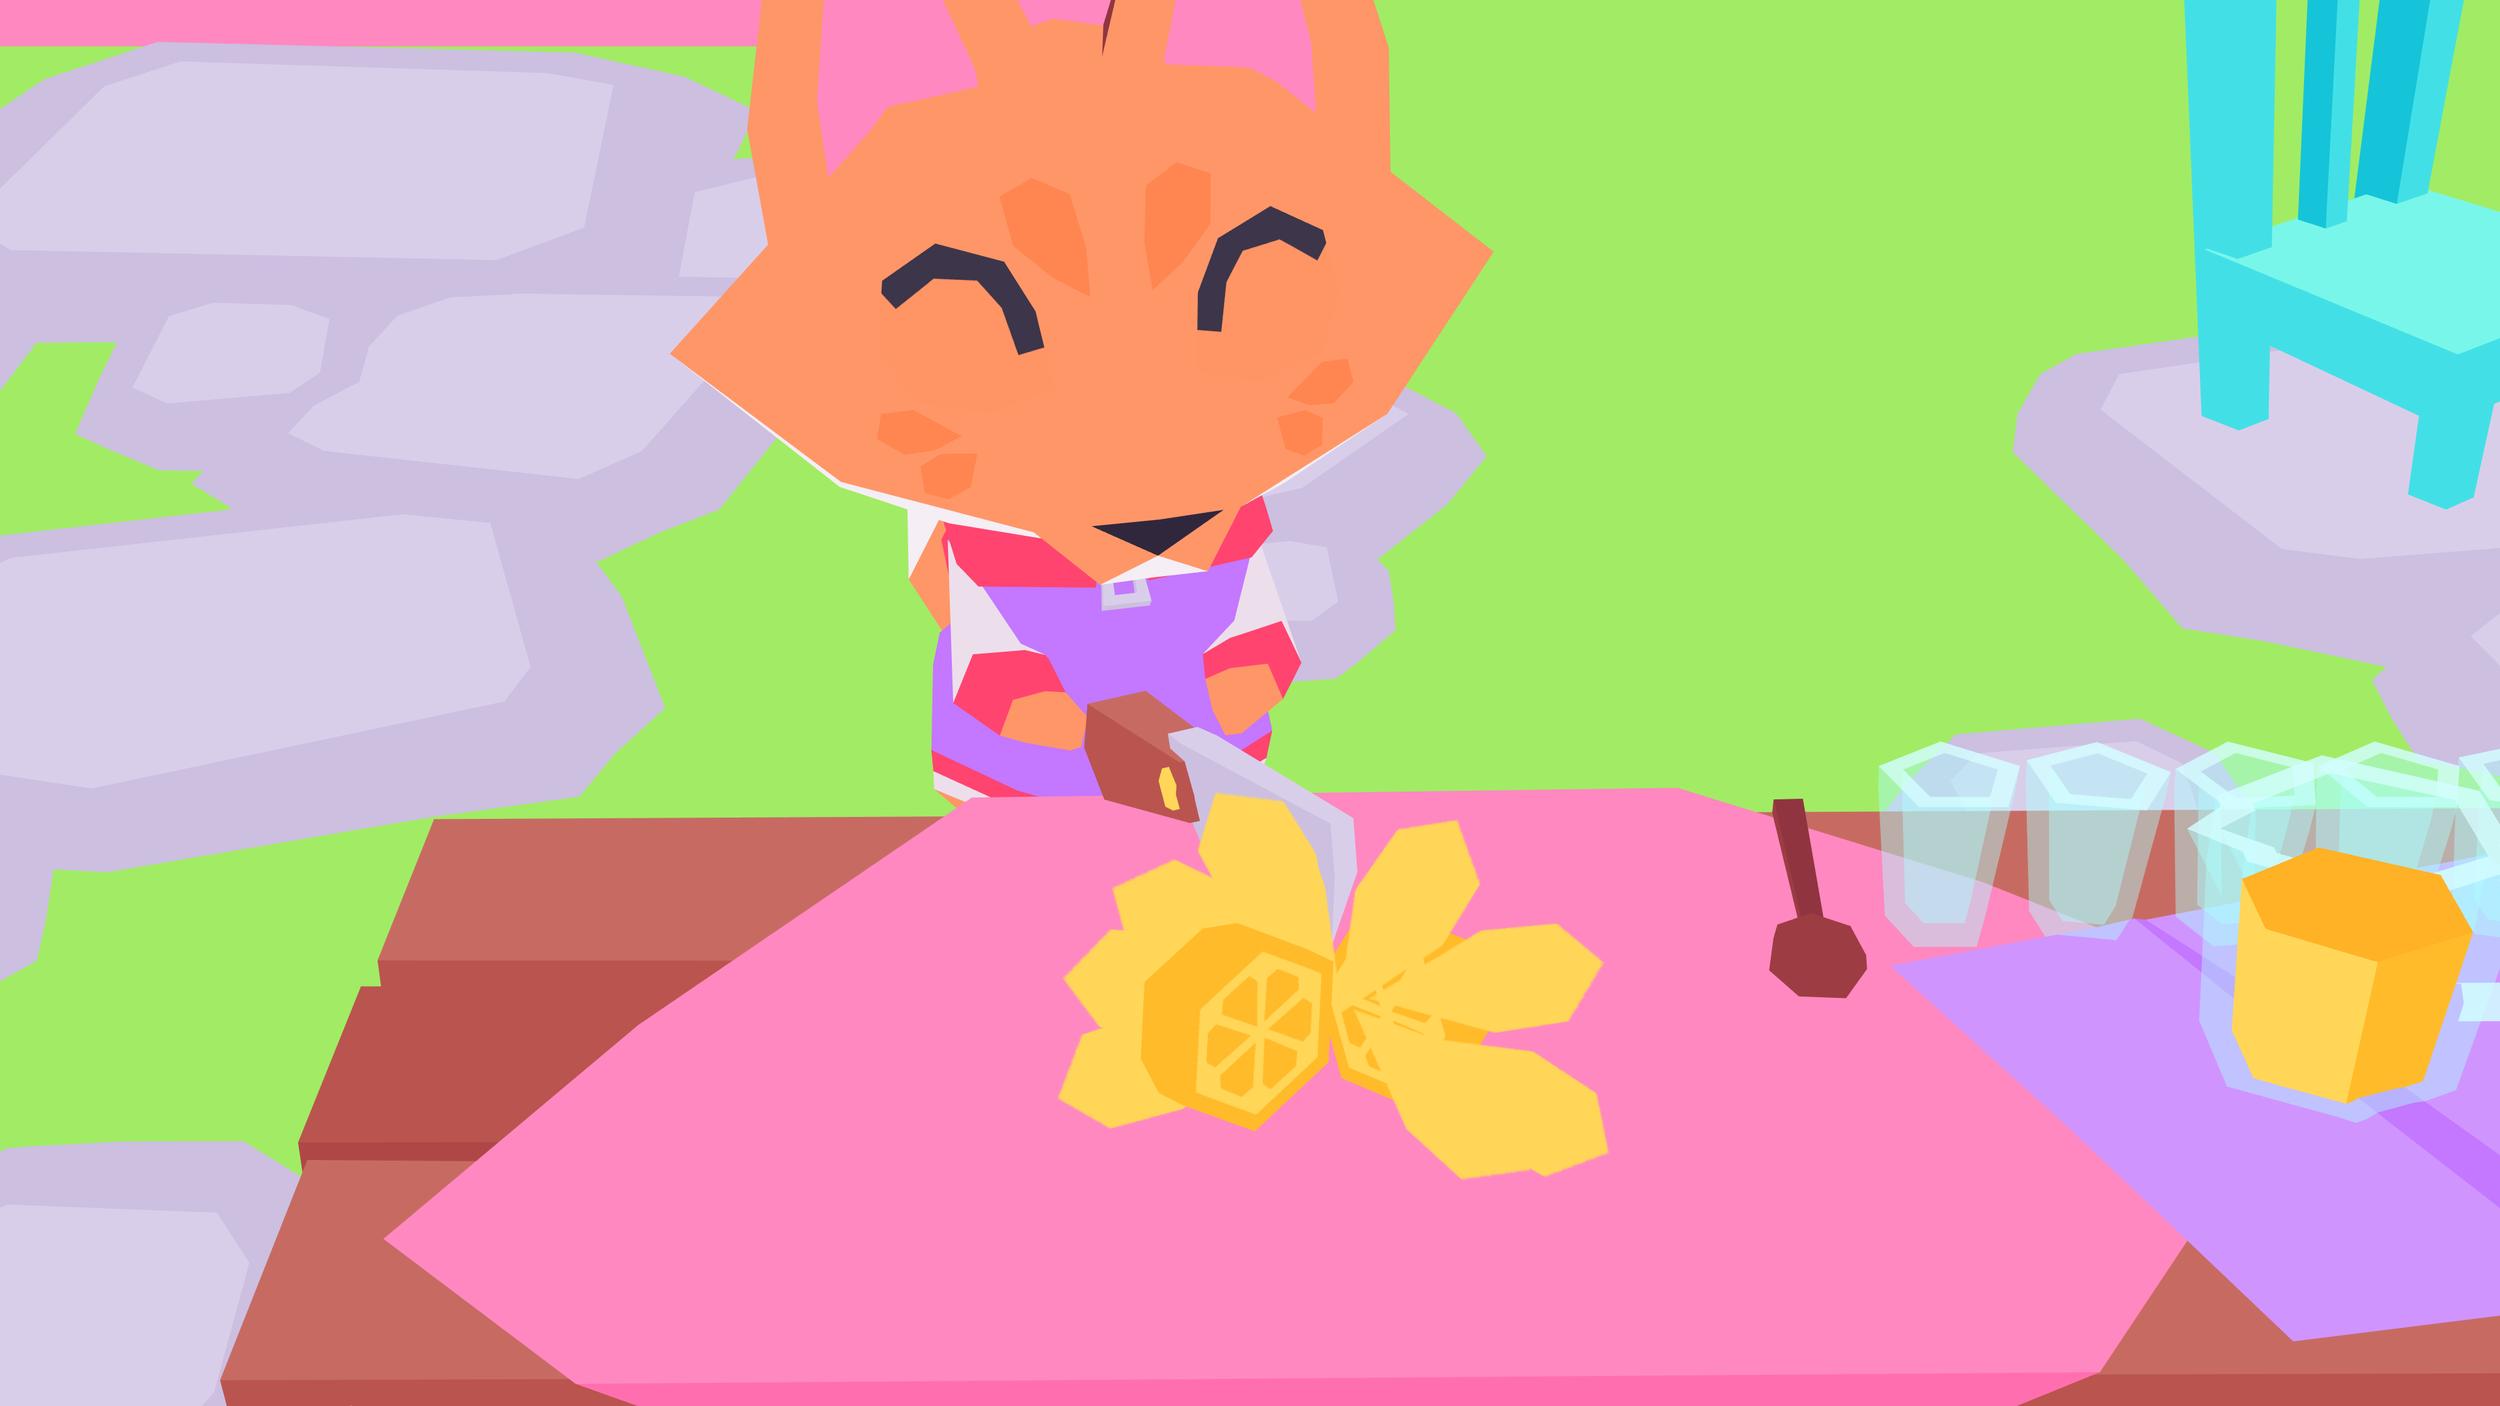 Cut lemons!